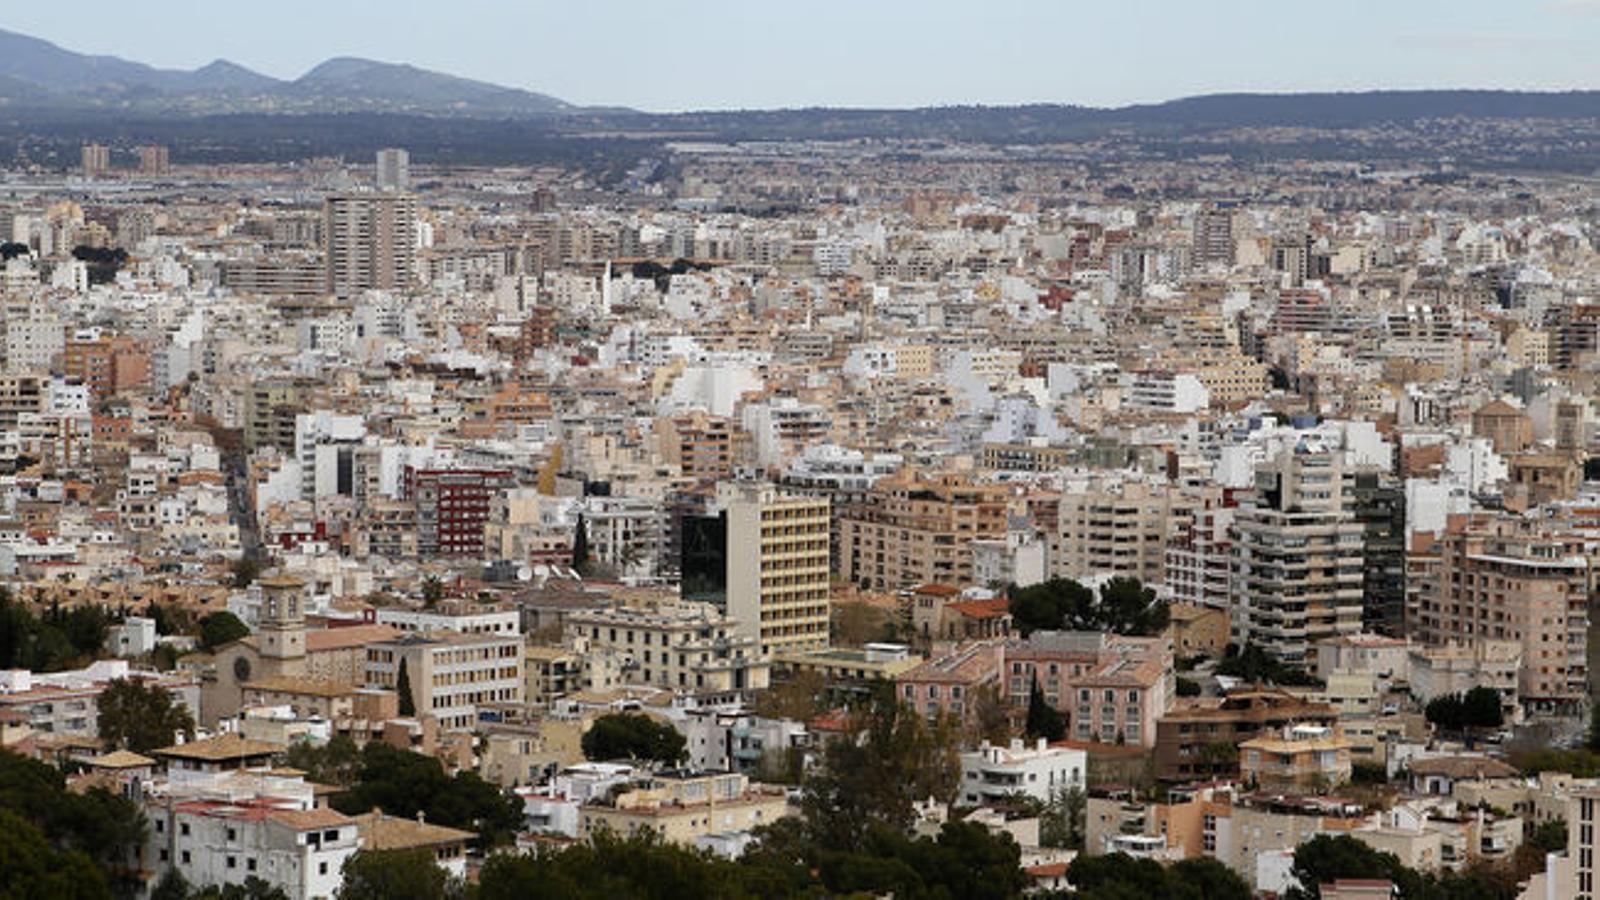 La ciutat de Palma.